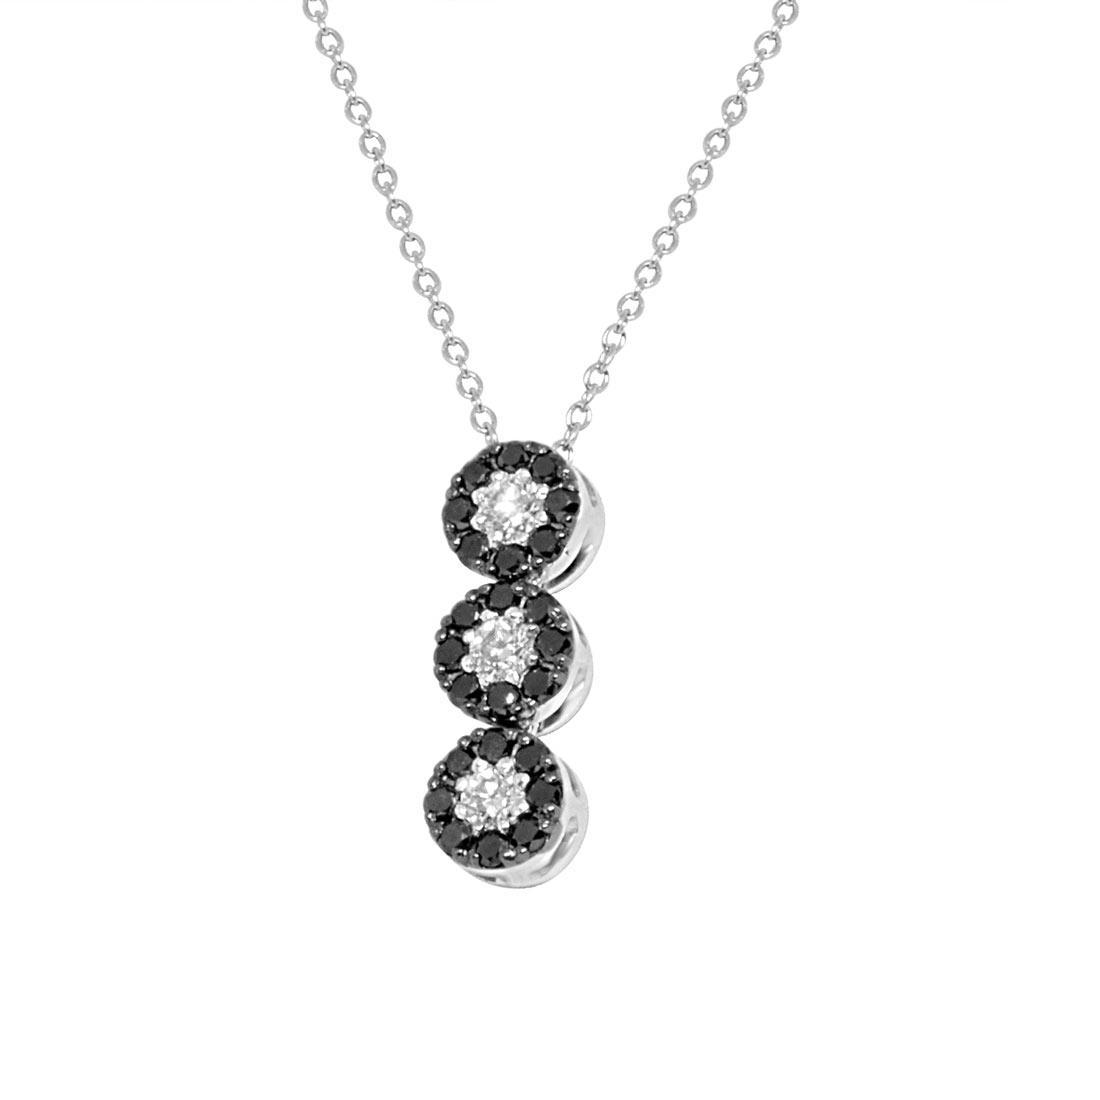 Collana in oro bianco, pendente trilogy design con diamanti - ALFIERI ST JOHN